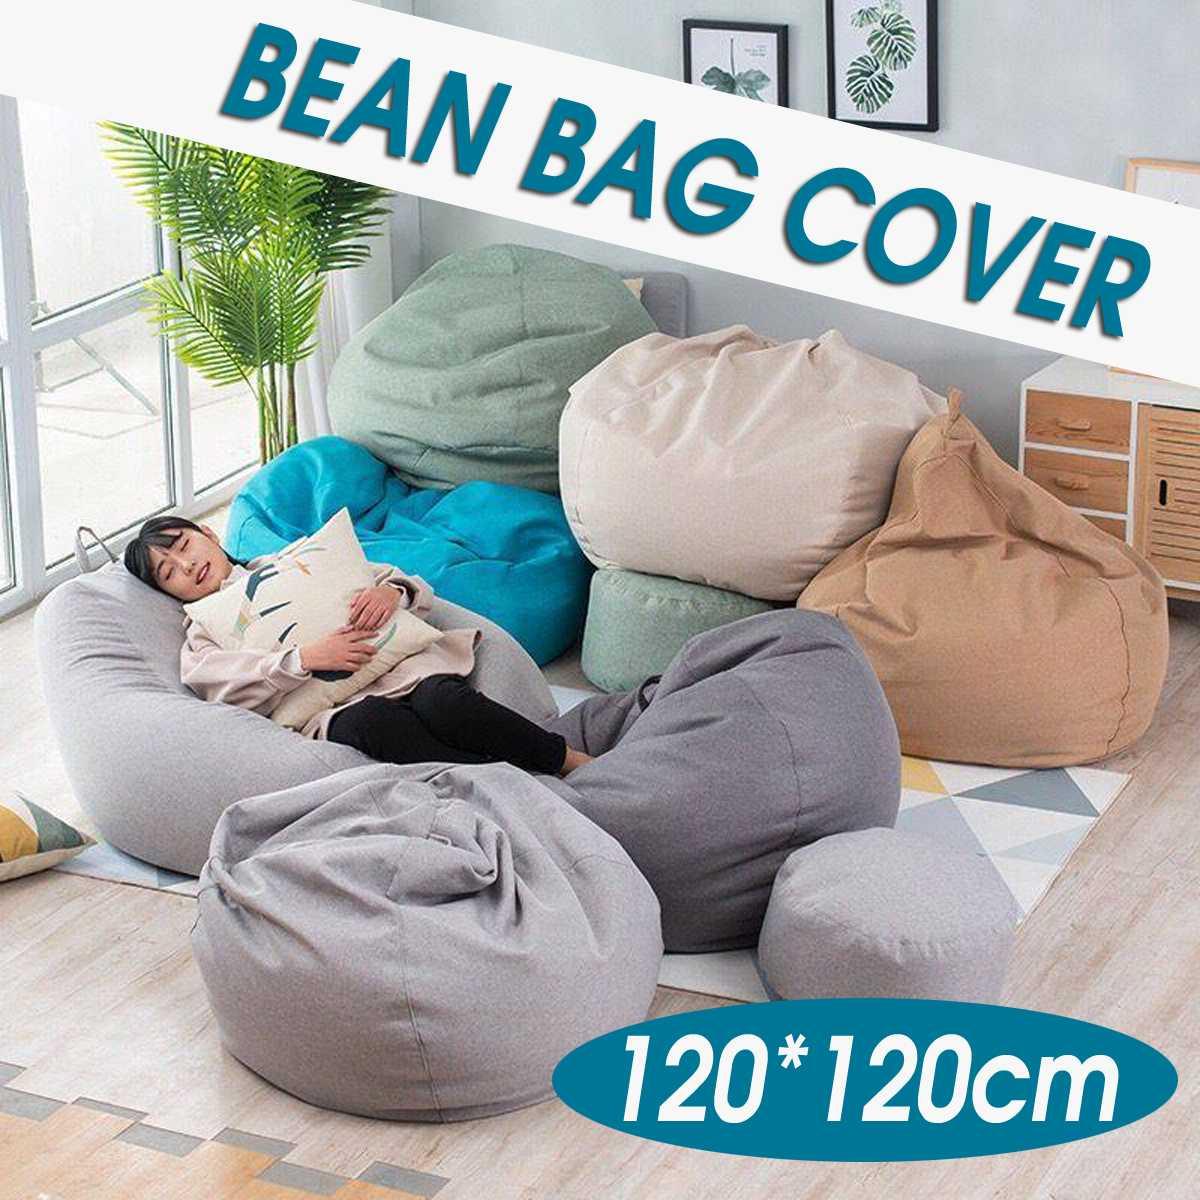 Miraculous 120X120Cm Large Bean Bag Sofa Chair Cover Lounger Ottoman Uwap Interior Chair Design Uwaporg